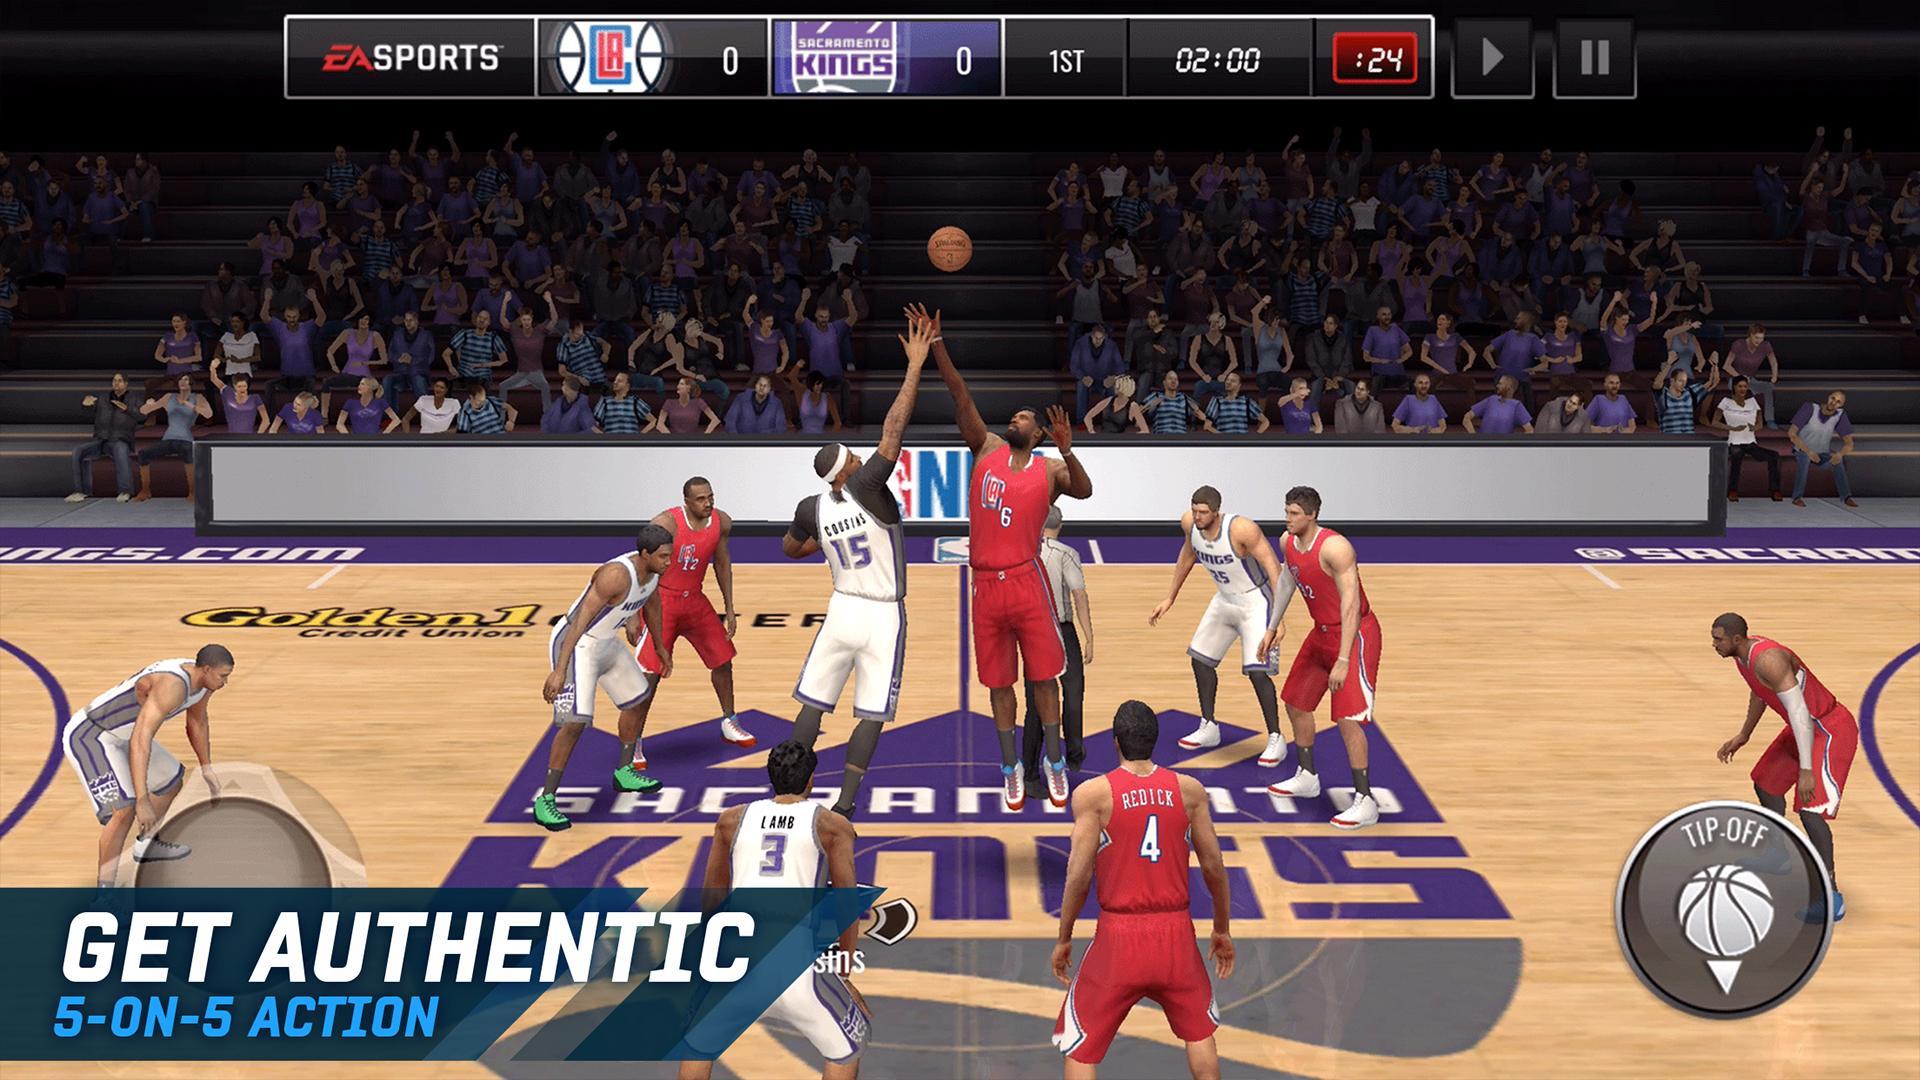 NBA LIVE Mobile Basketball screenshot #14